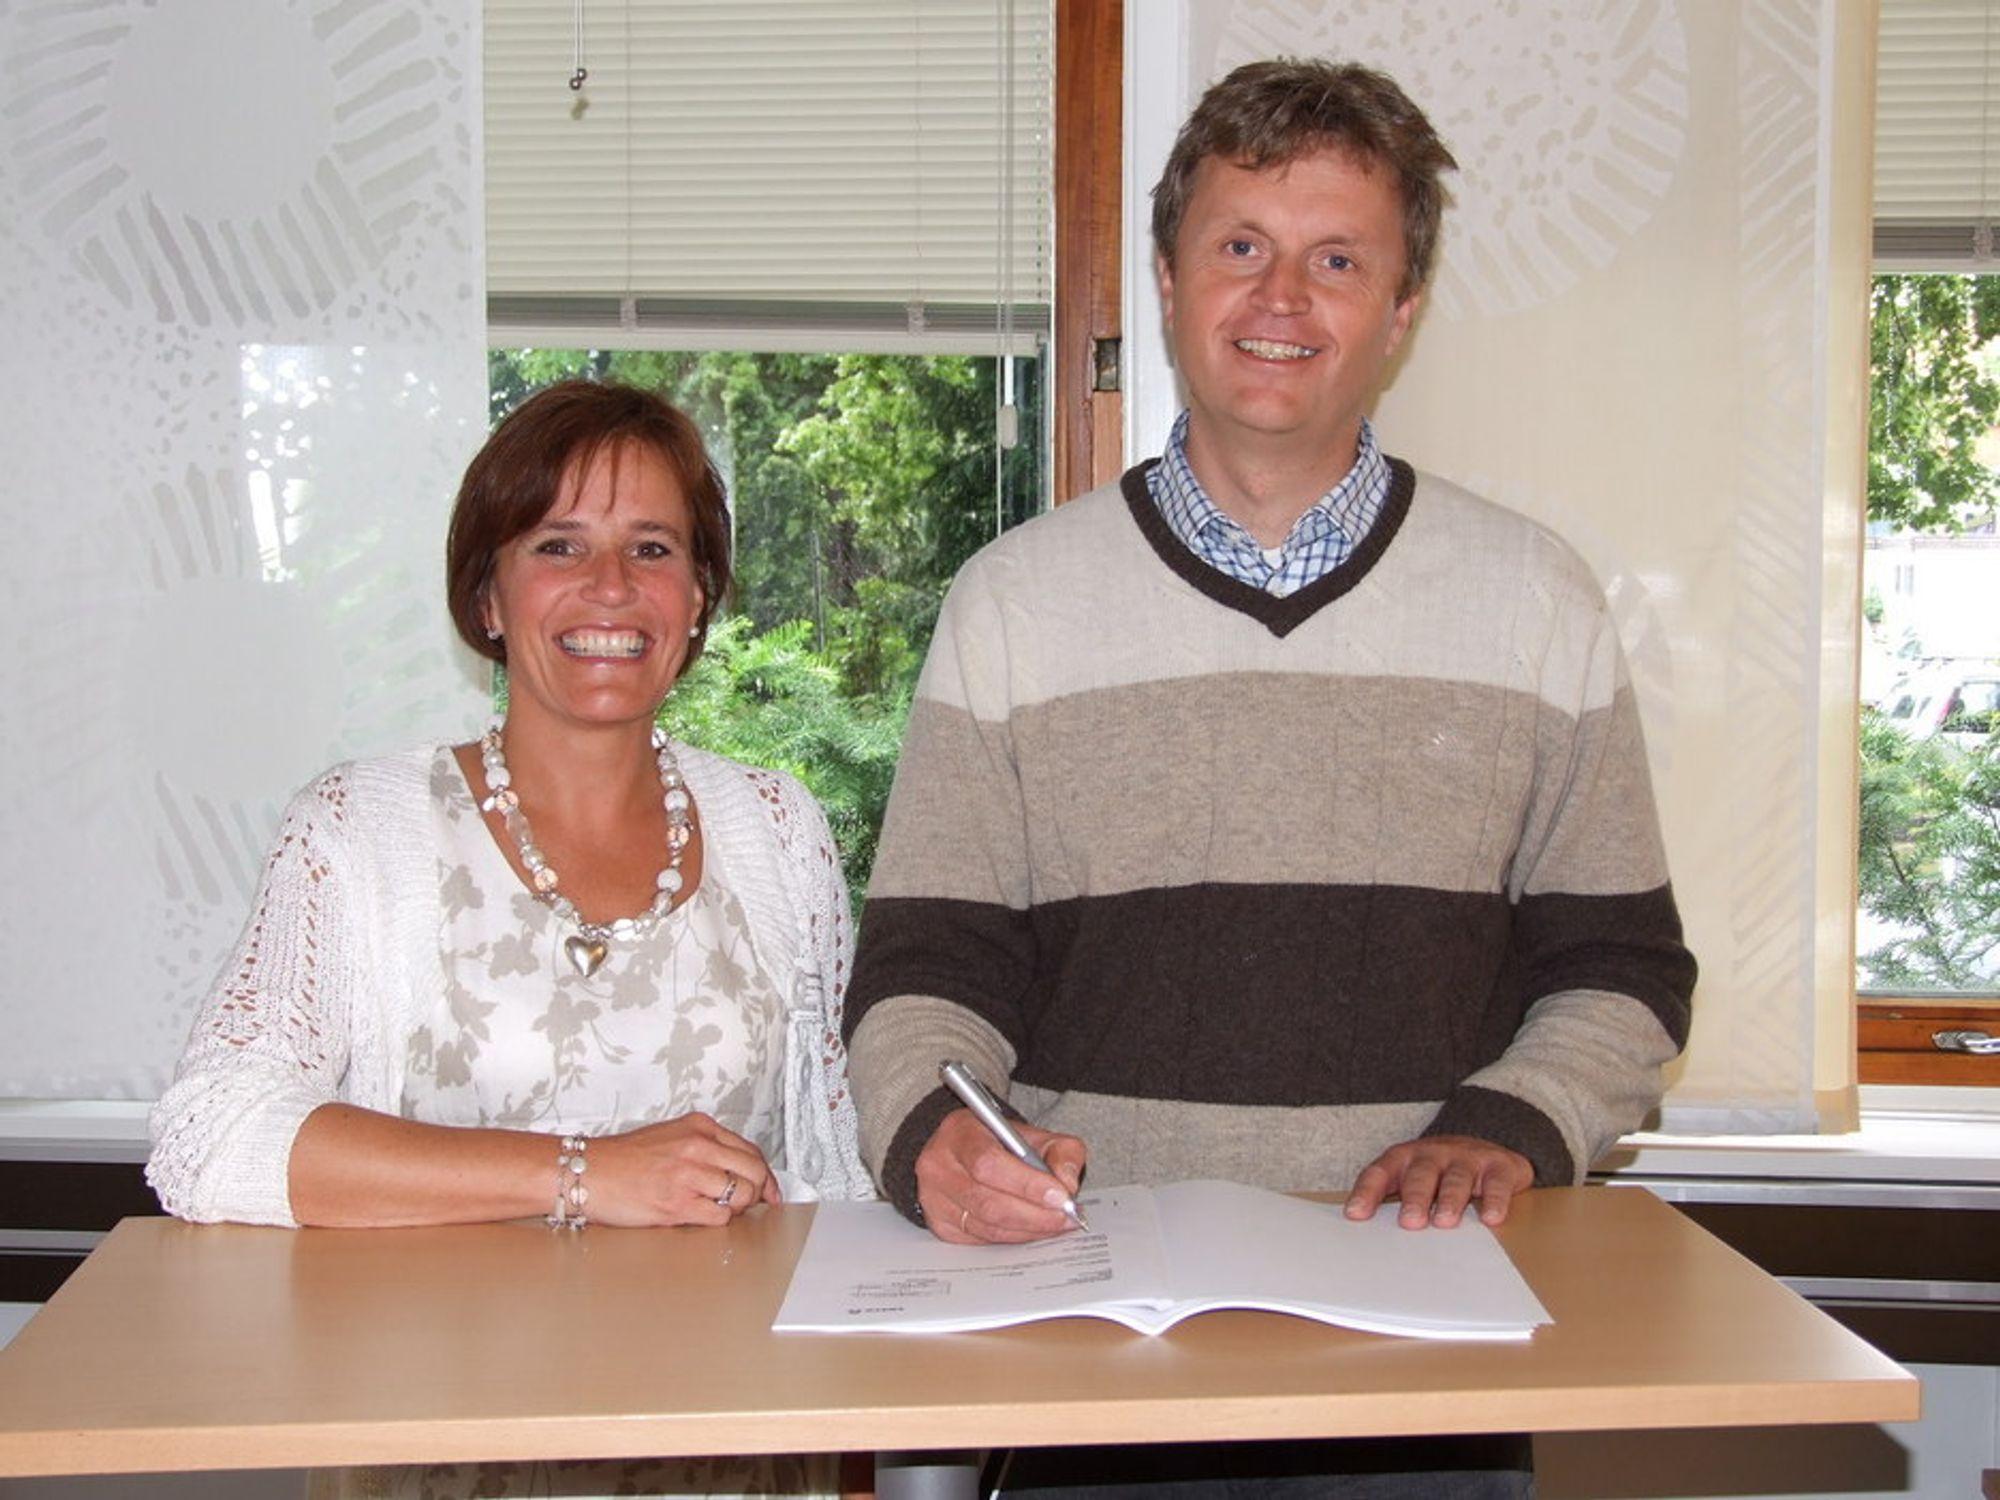 Avtale: Vibecke Hverven, administrerende direktør i Sweco Norge, og Ole Theodor Dønnestad, konserndirektør Energi, undertegnet avtalen om konsulenttjenester i Ivelandsprosjektet